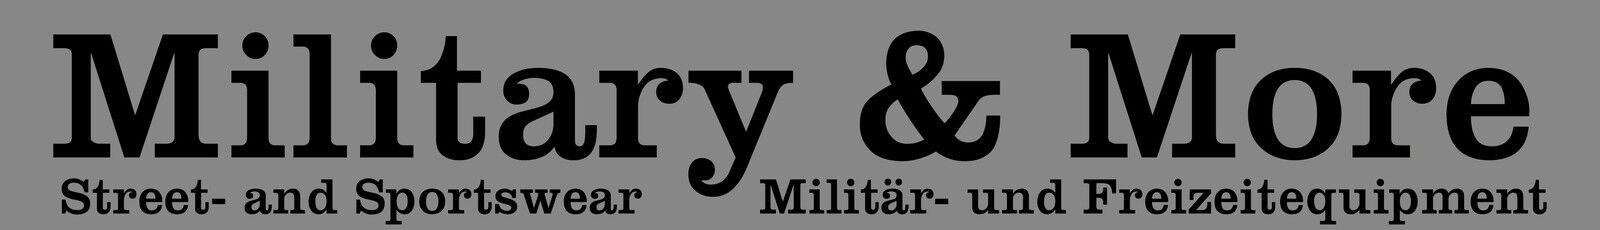 Militaria und mehr...